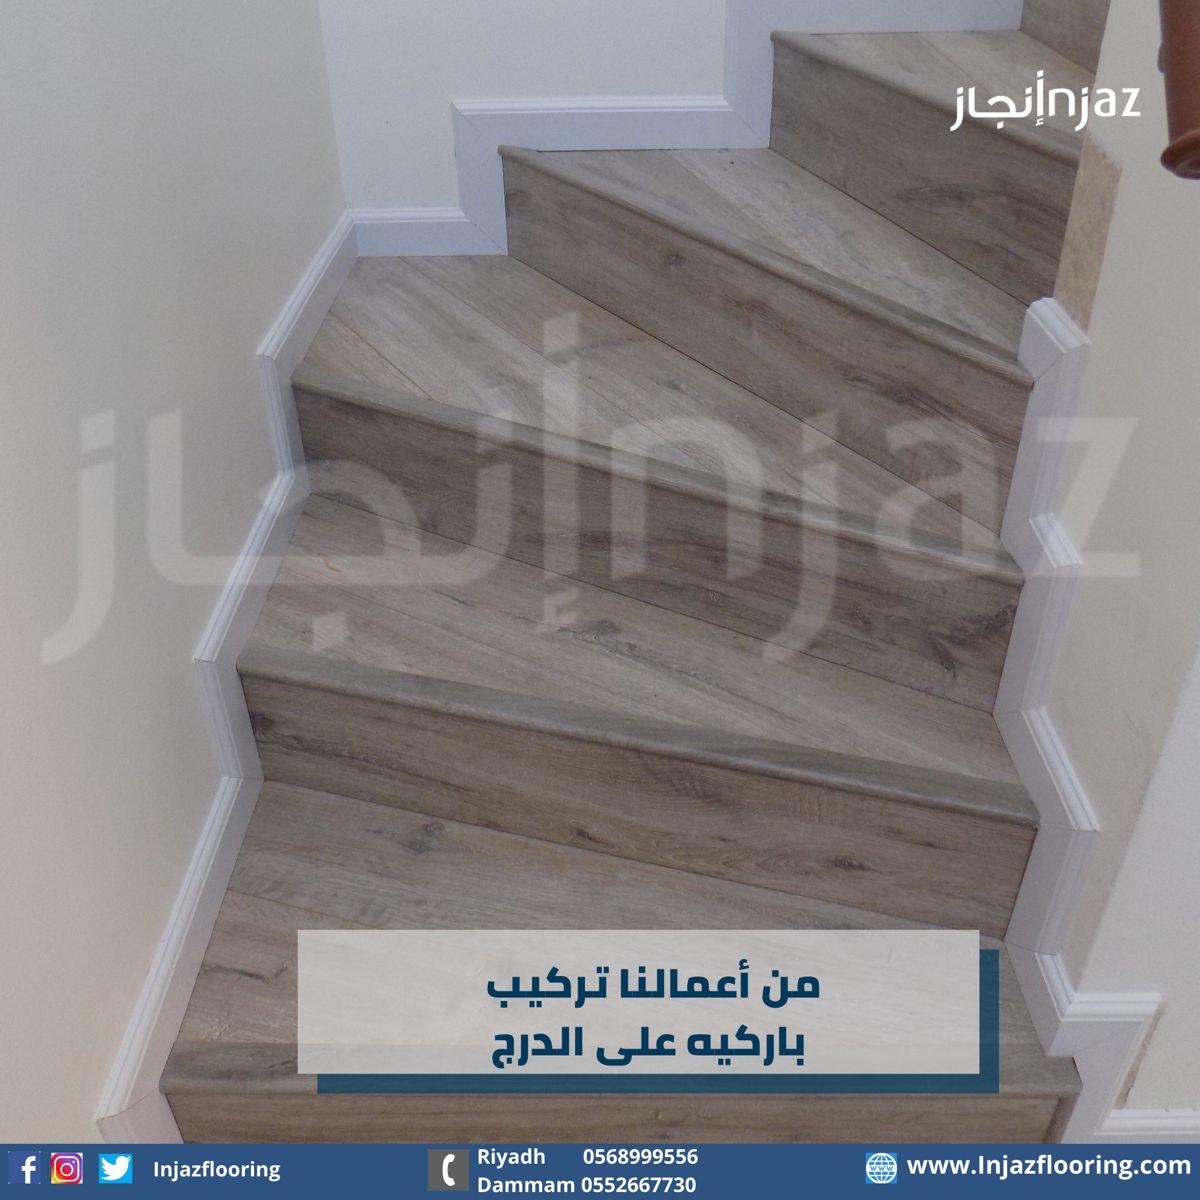 تركيب باركيه على الدرج الداخلي في الفيلا Home Decor Decor Stairs